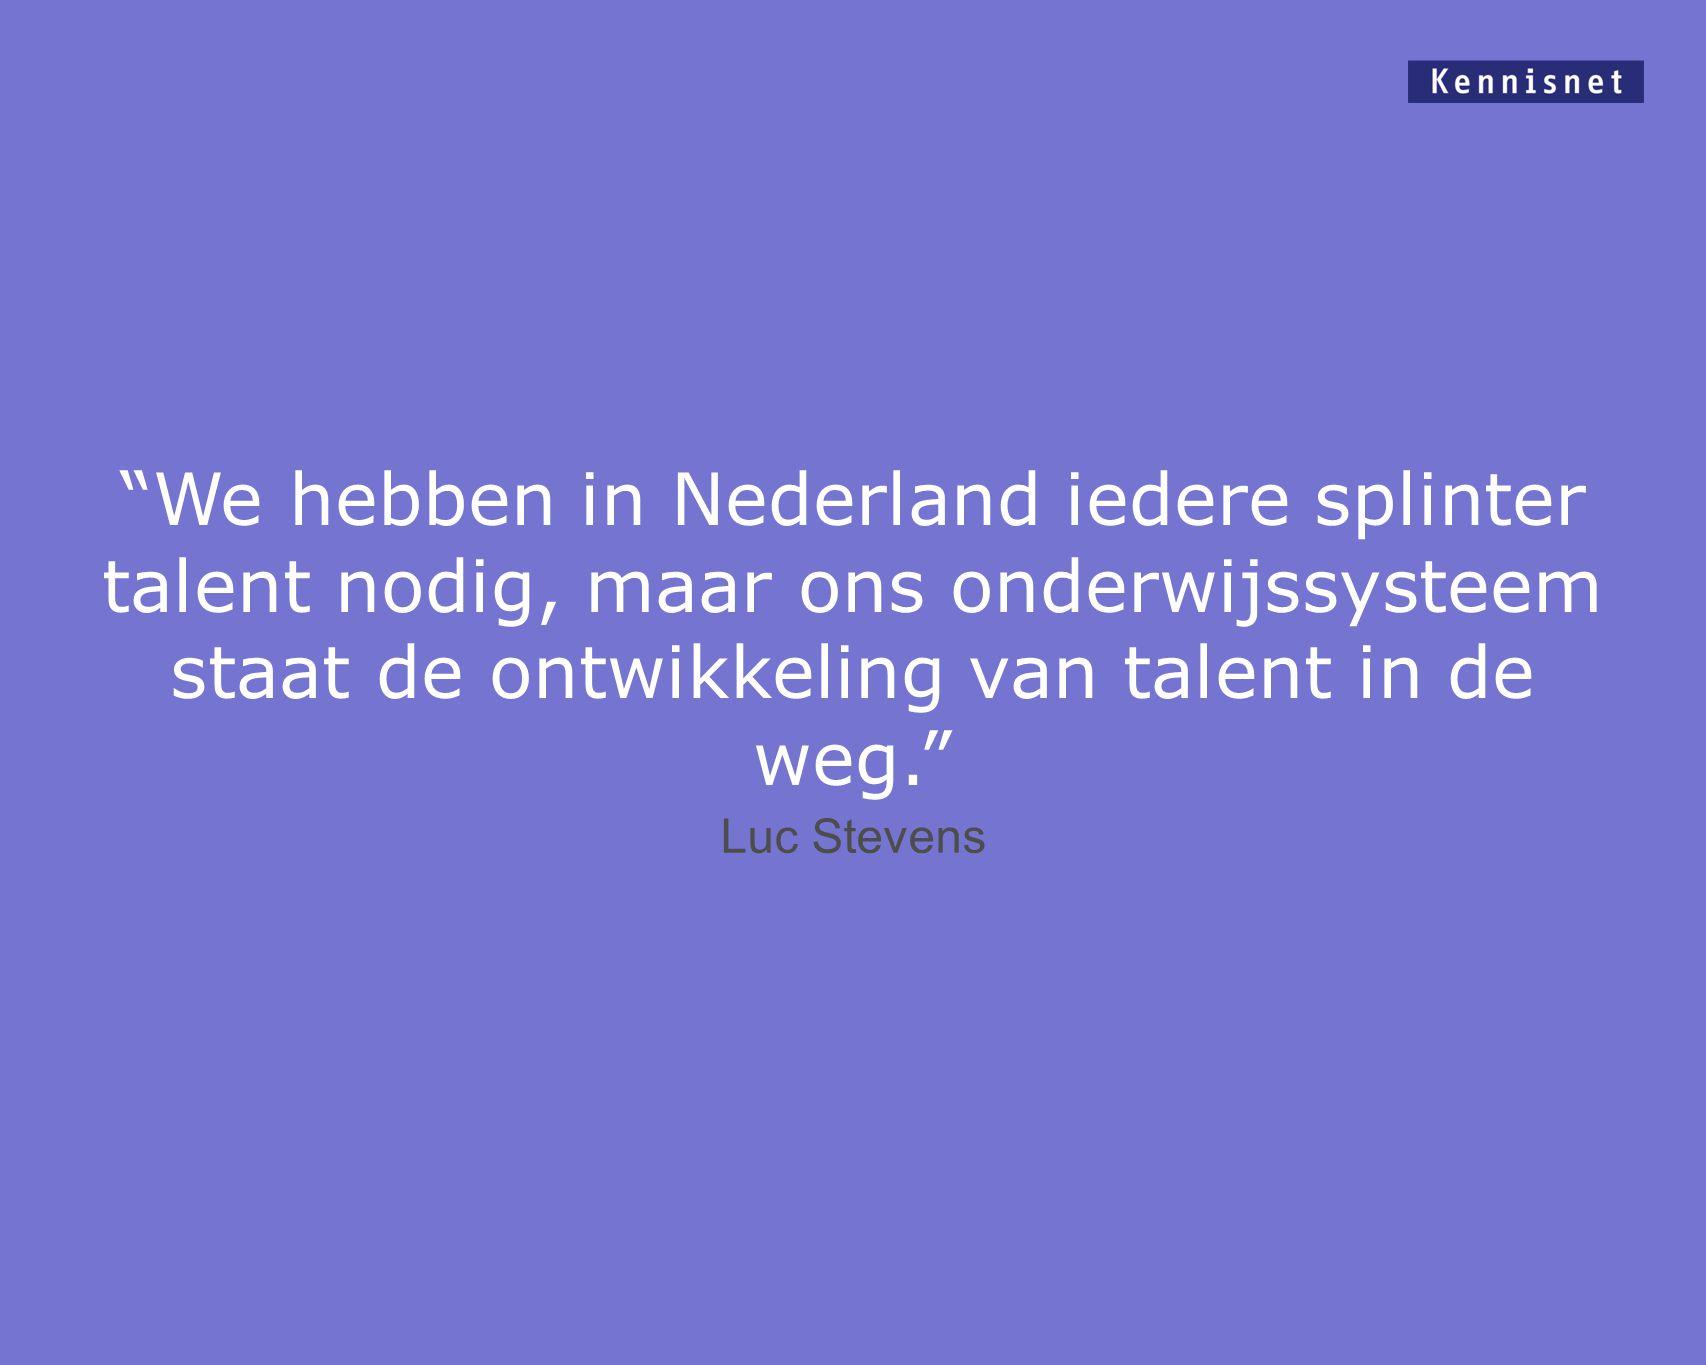 We hebben in Nederland iedere splinter talent nodig, maar ons onderwijssysteem staat de ontwikkeling van talent in de weg.